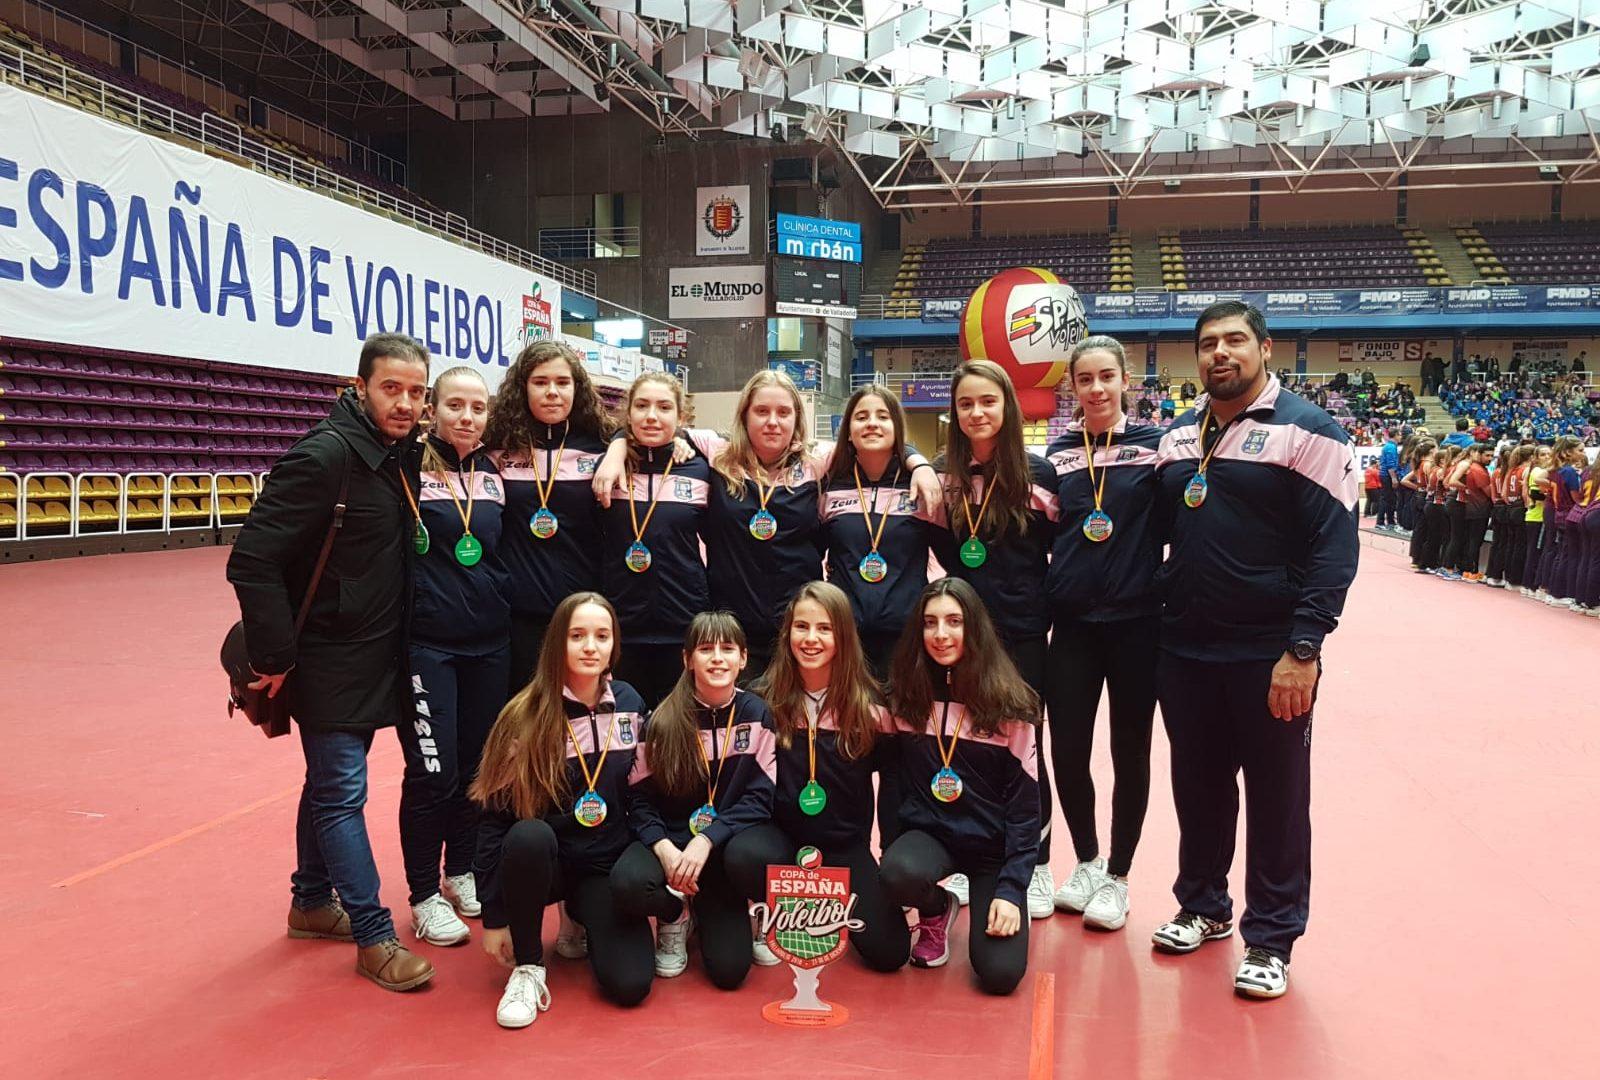 El Club voleibol Iniesta, Subcampeón de la Copa de España en Nivel 4